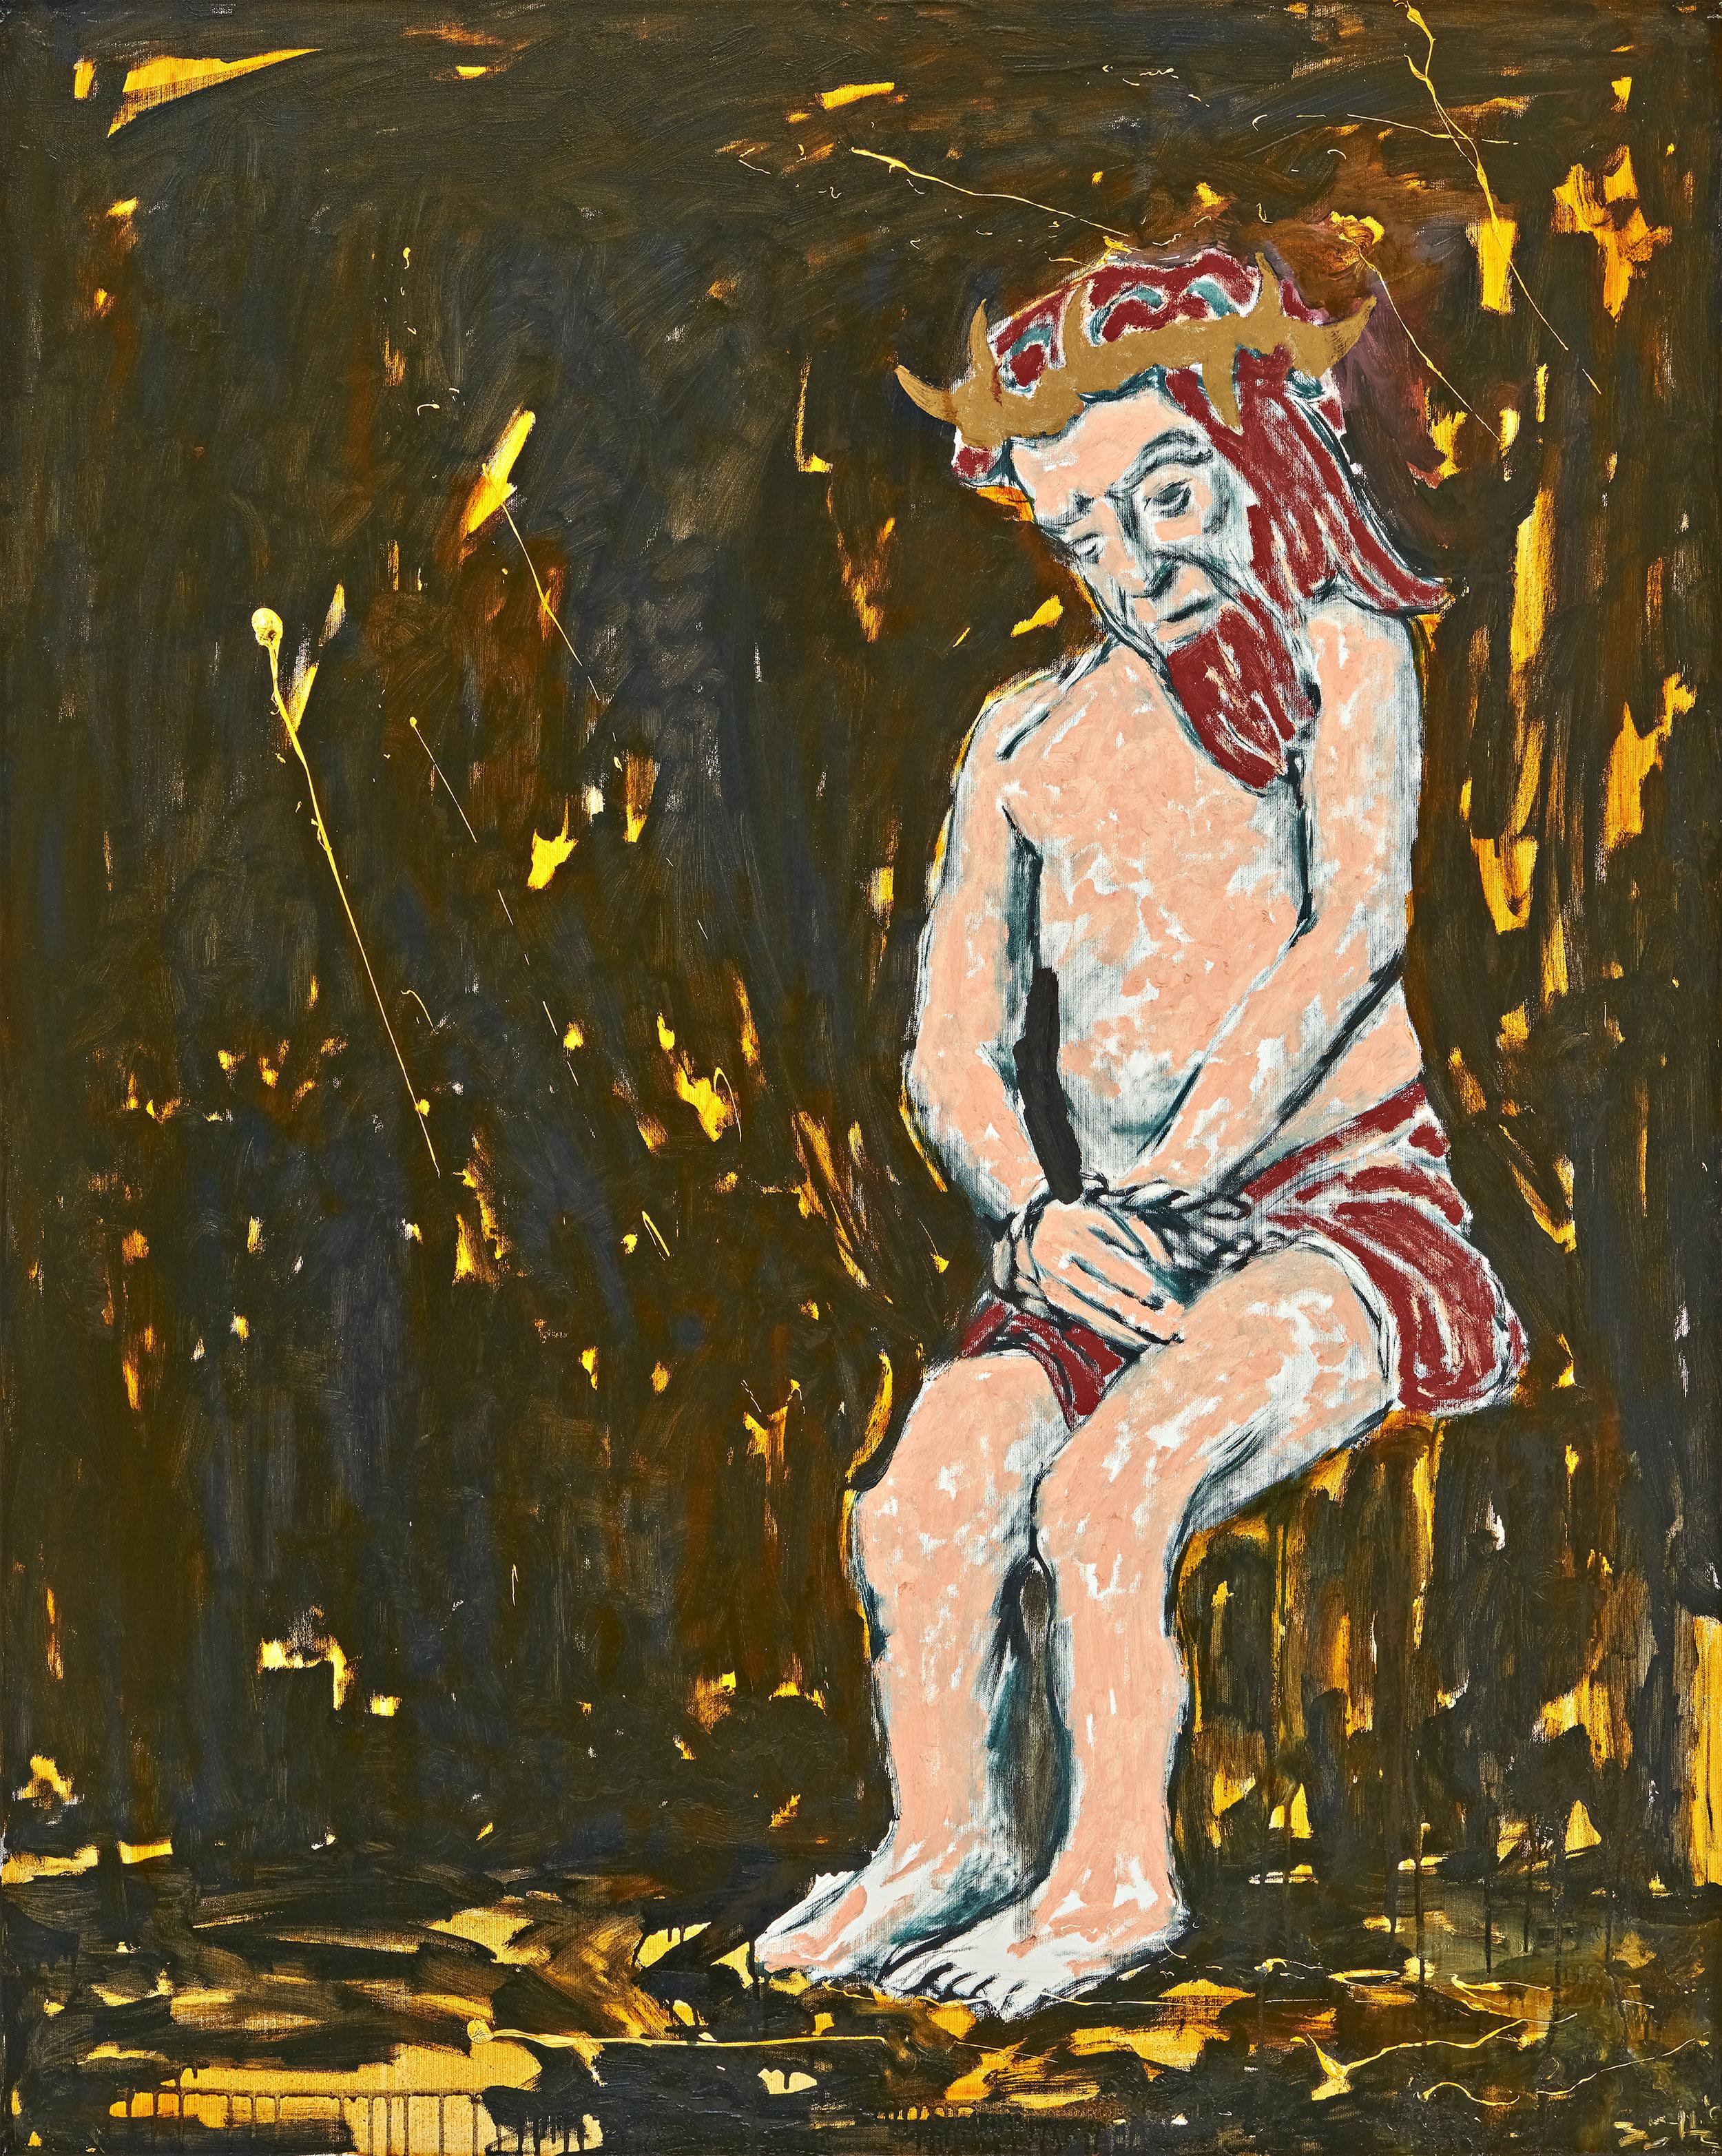 Büttner, Prisoner, lightly tortured (Gefangener leicht angefoltert), 2017, oil on canvas, 59 x 47 1-4 in., 150 x 120 cm.